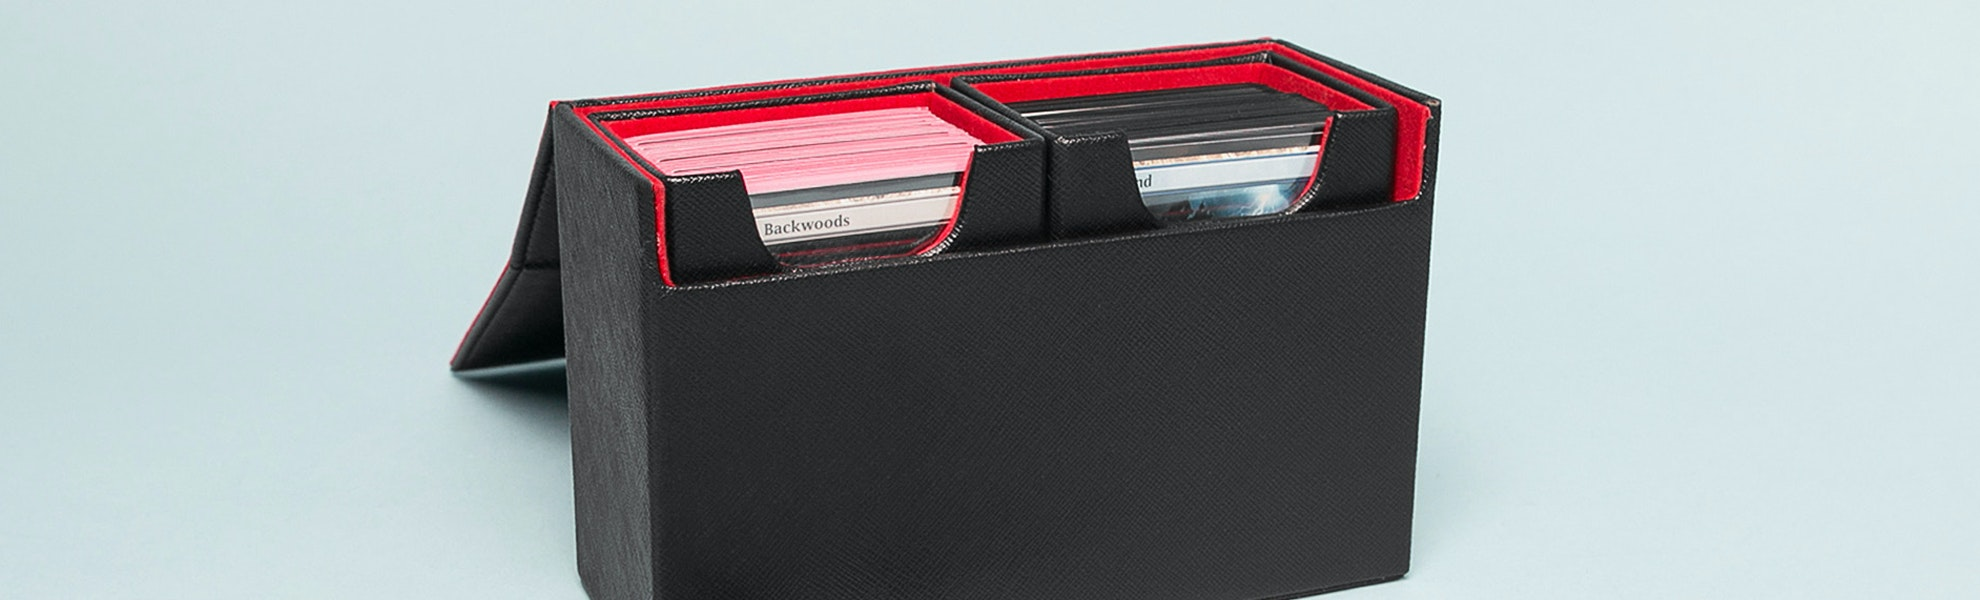 Dex Protection Dualist Deck Box